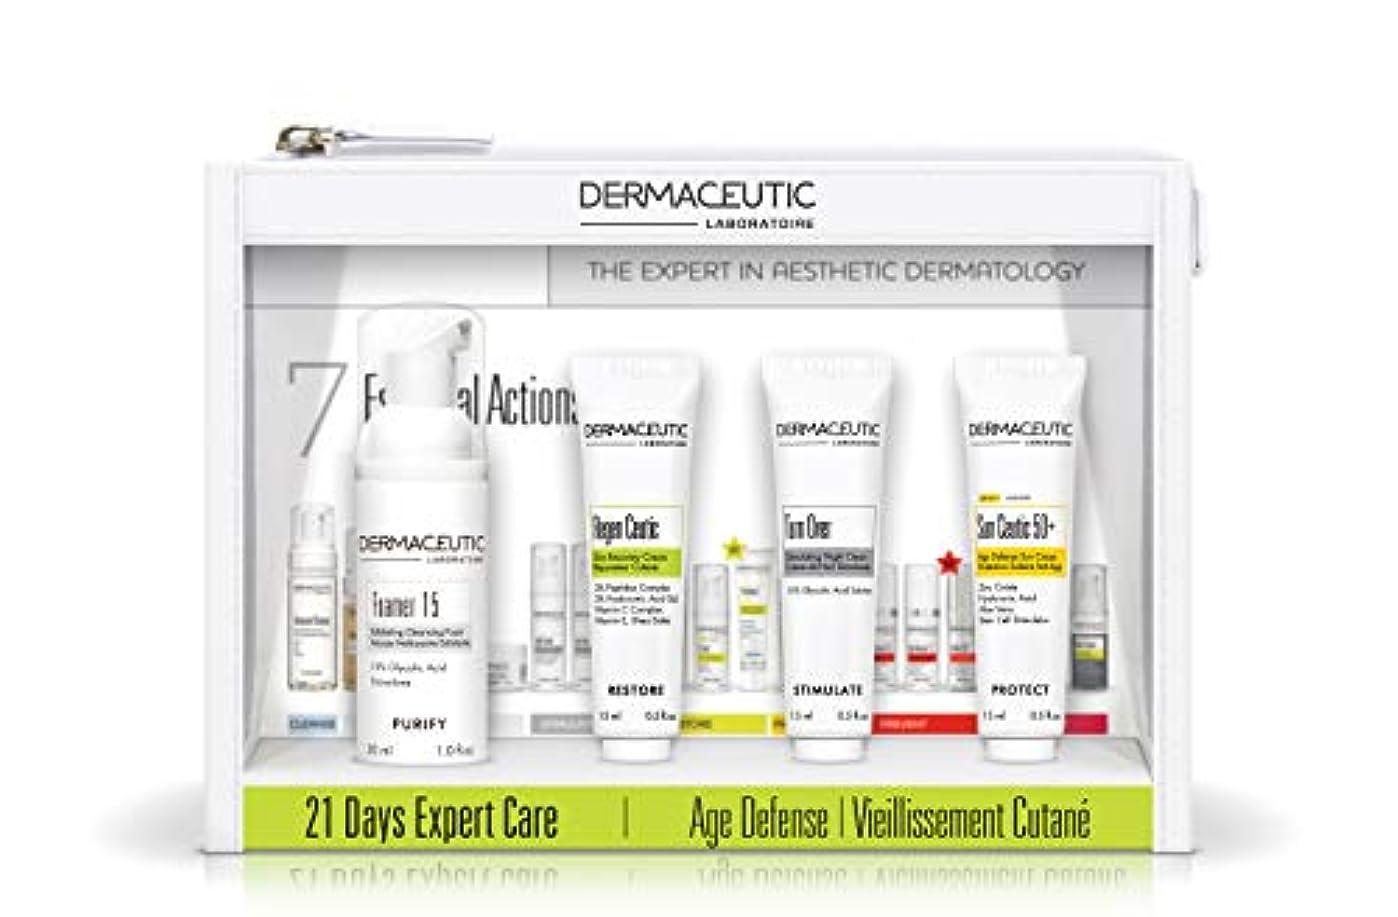 草漏斗マウントバンクダーマシューティック 21デイエキスパートケアキット?アドバンストリカバリー[ヤマト便] (Dermaceutic)21 Days Expert Care Kit Advanced Recovery